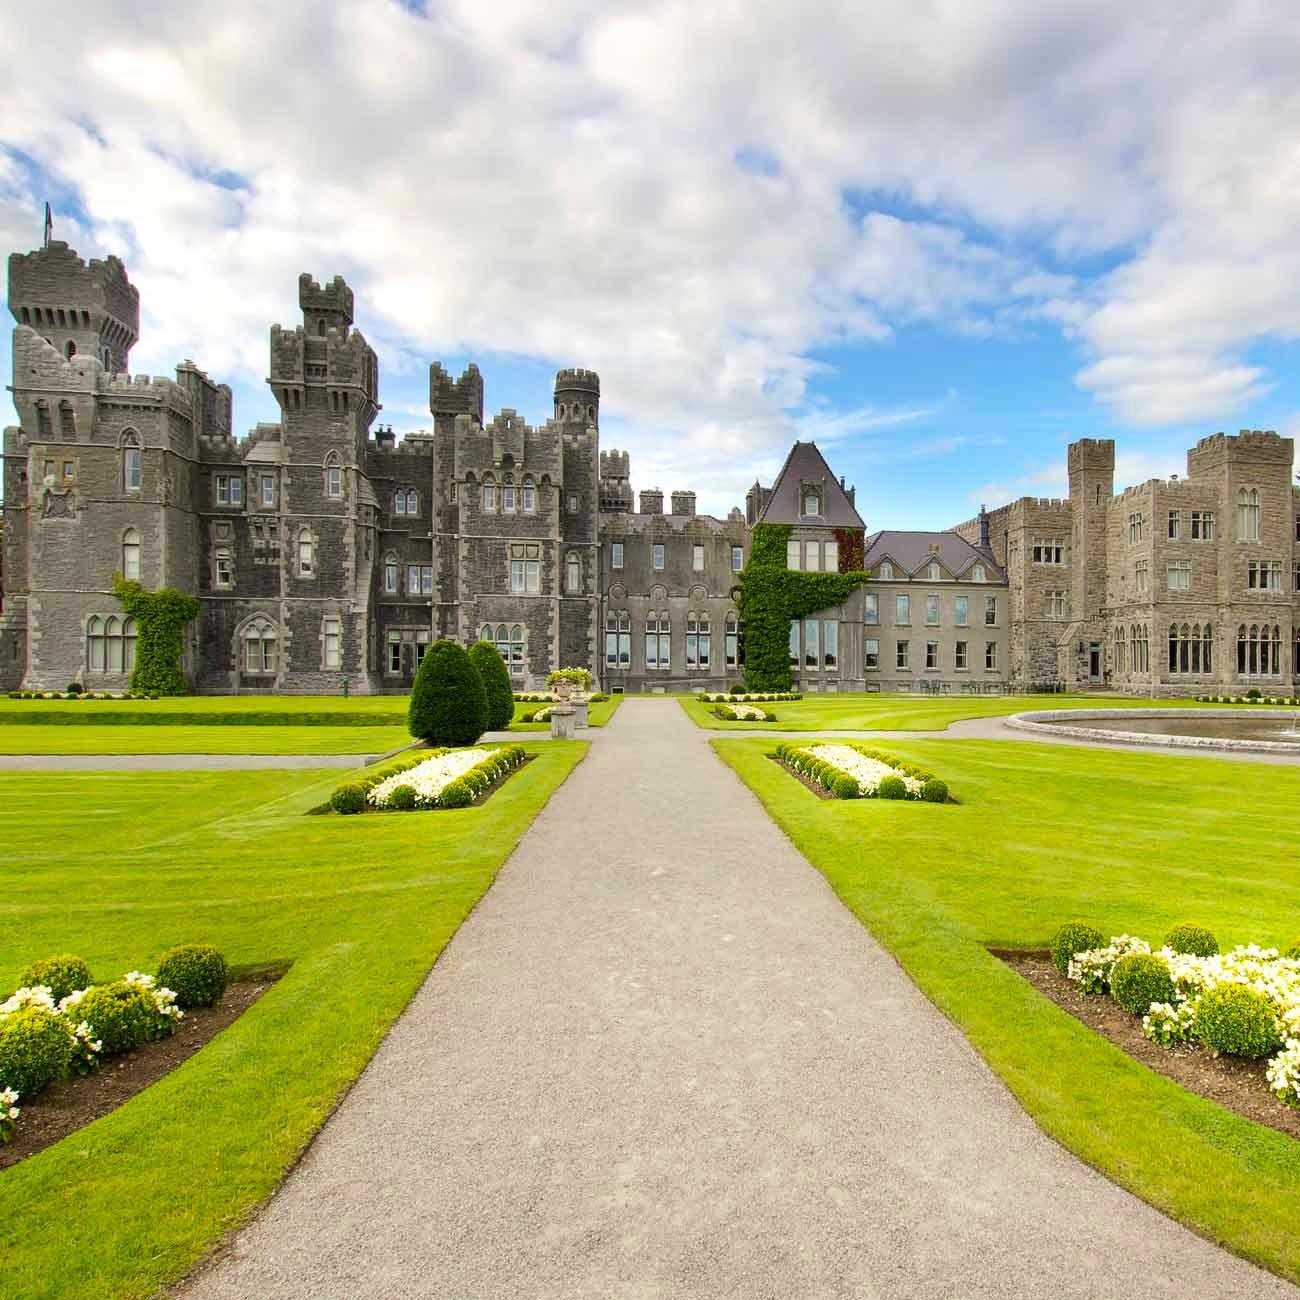 Ashford Castle Wedding: Iconic Ireland And Ashford Castle First Look 2019